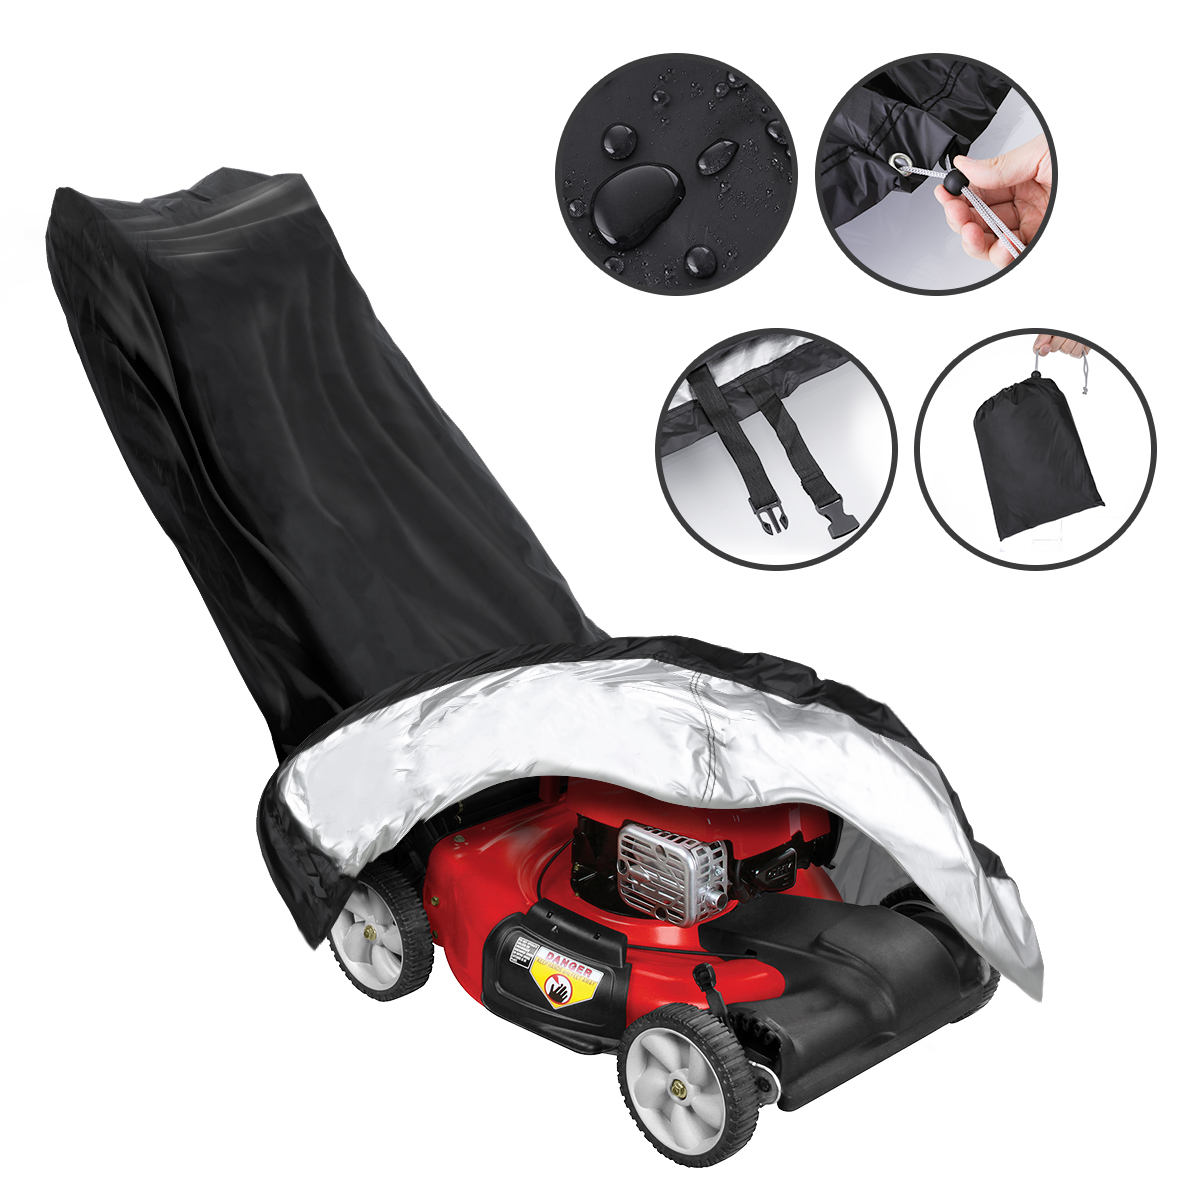 Waterproof Lawn Mower Cover Heavy Duty Push 191x67cm Bag Fit Universal Garden